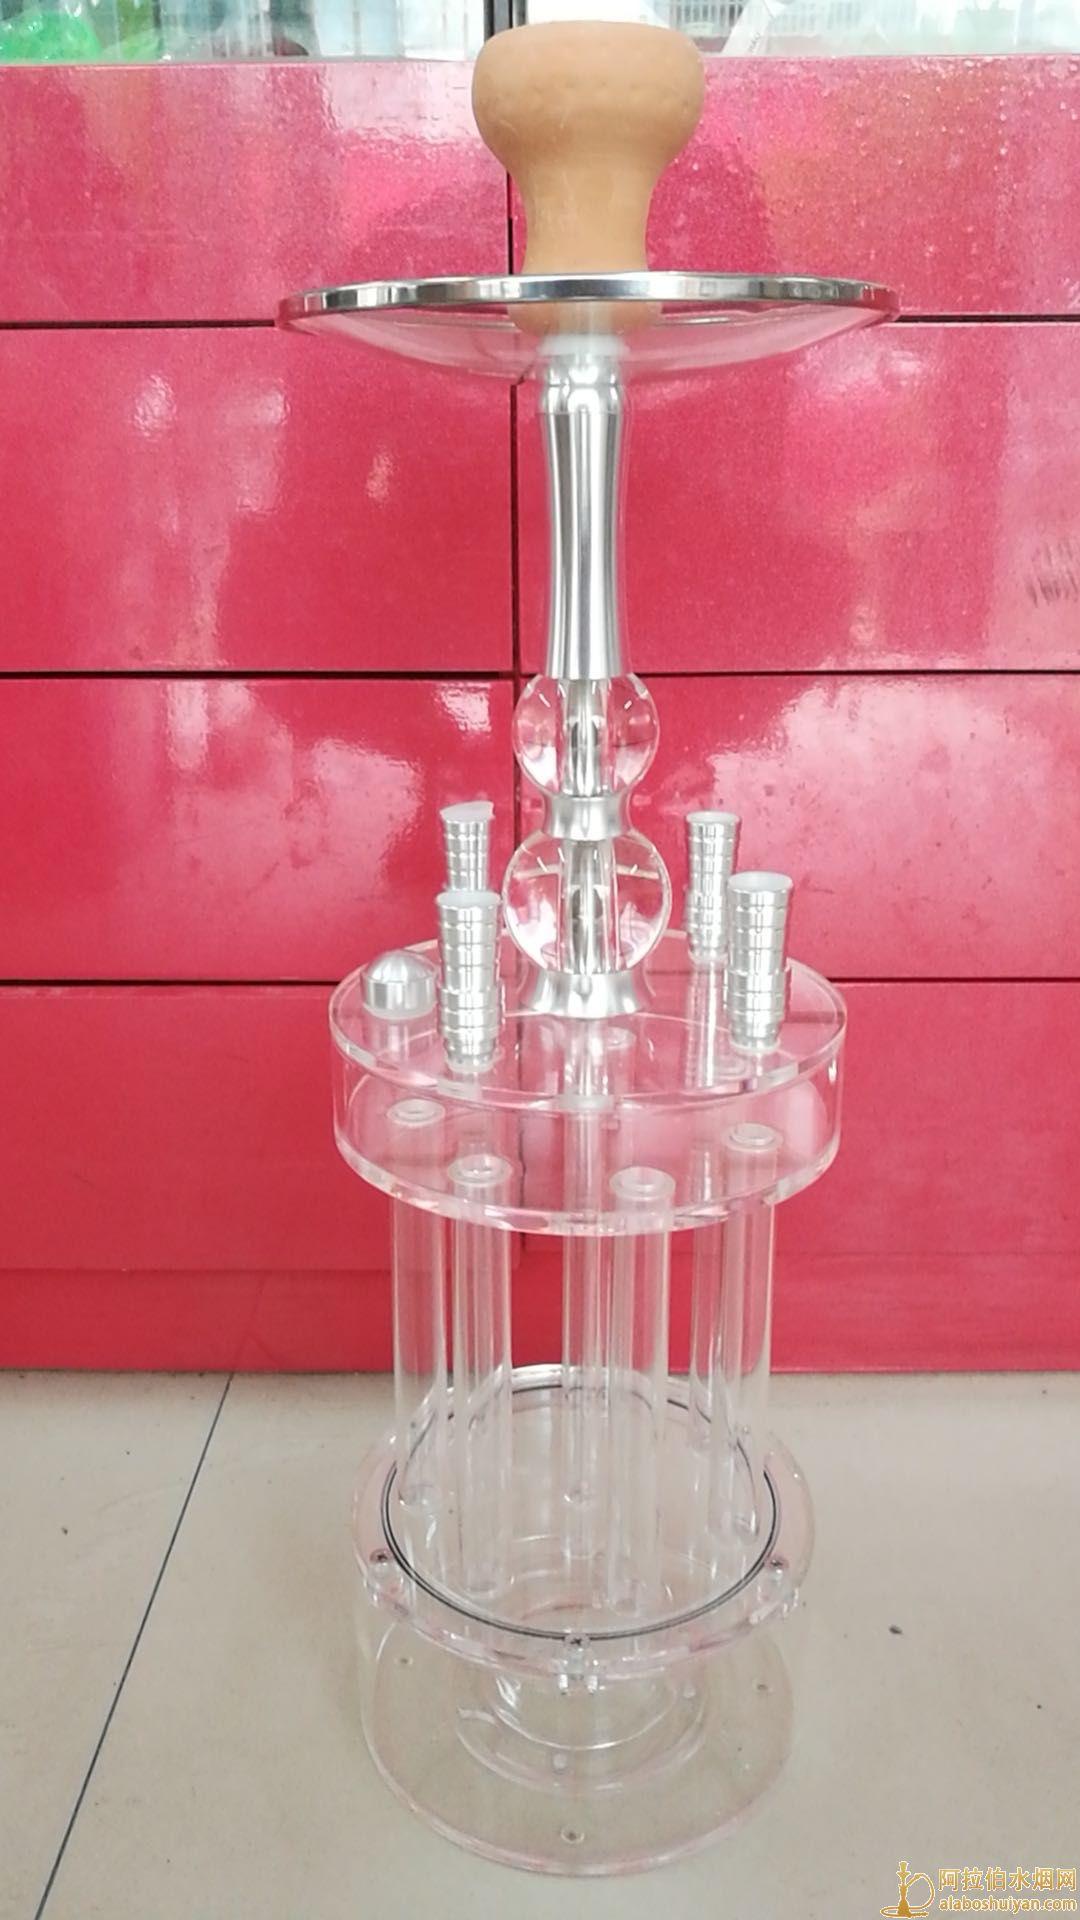 新款阿拉伯水烟壶酒吧加特林四嘴带灯水烟壶实物图 价格便宜